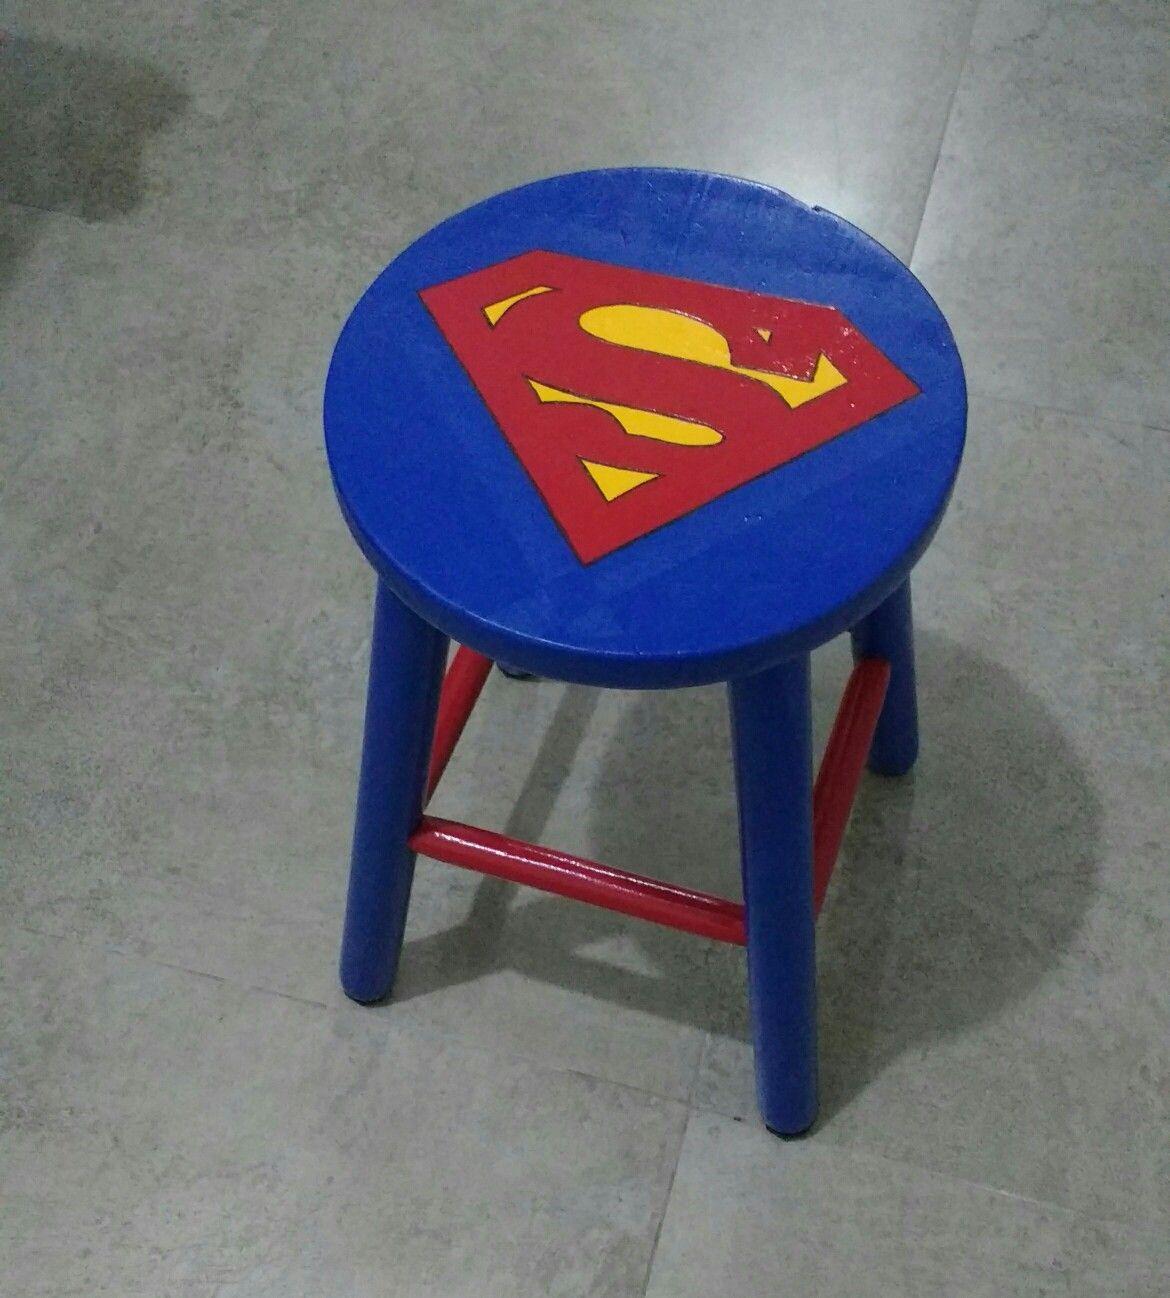 Customização banco de madeira com as cores e o logo do Superman